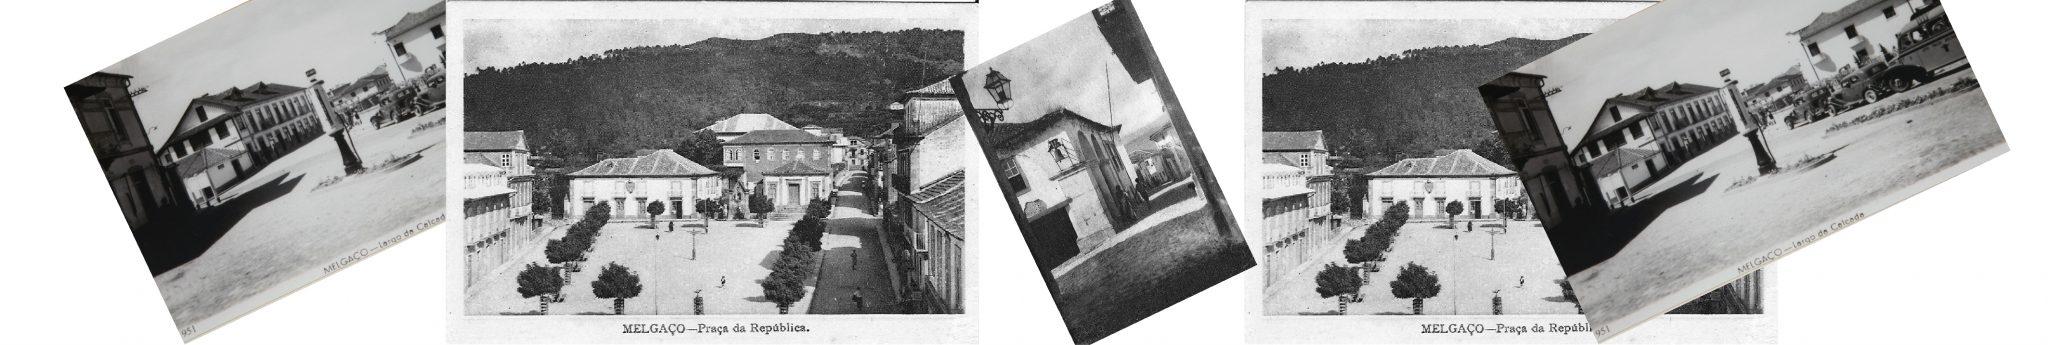 MELGAÇO LARGO DA CALÇADA 1951-01